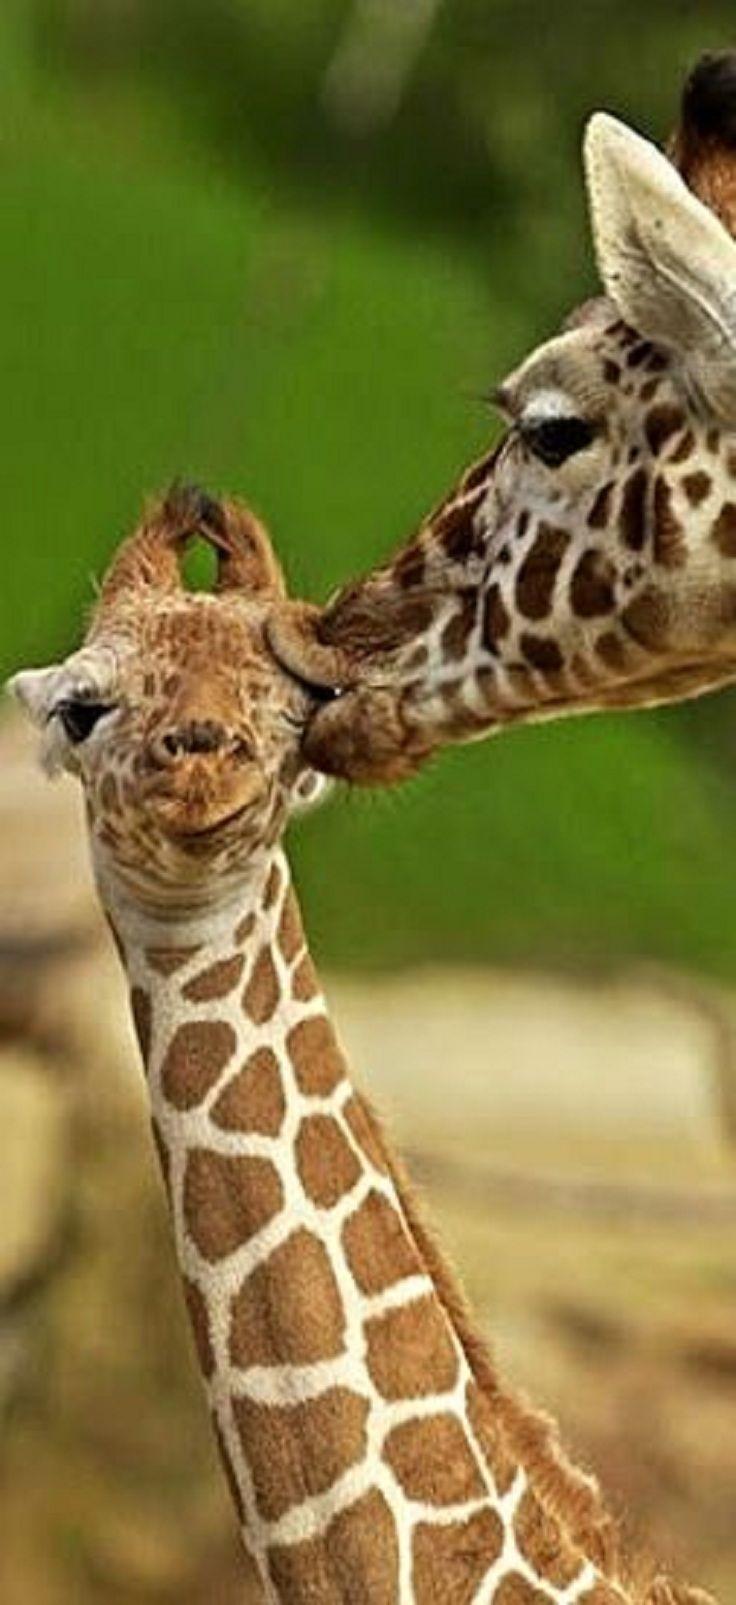 Aww Giraffe Kisses